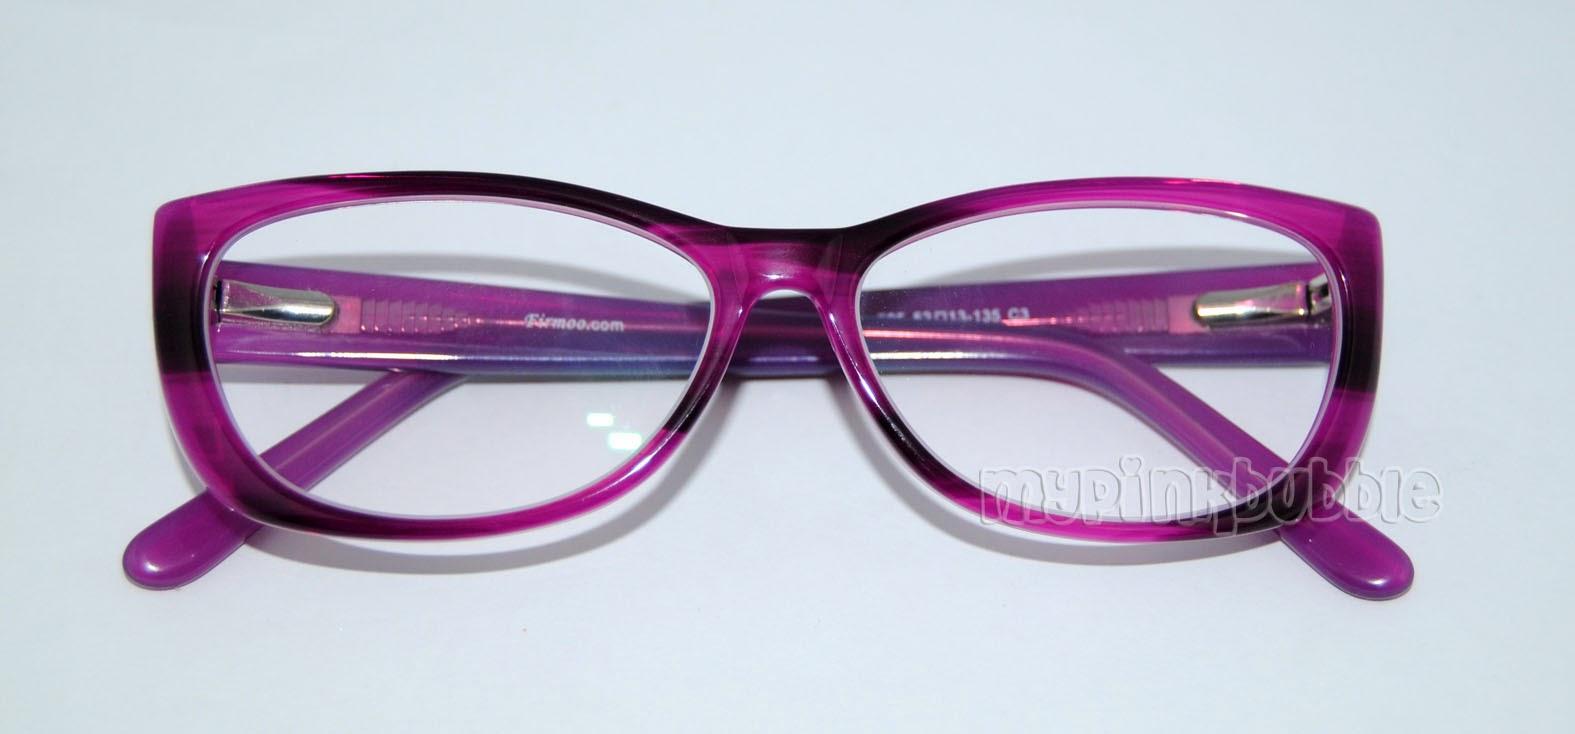 Firmoo y mis nuevas gafas my pinkbubble blog de belleza for Gafas de piscina graduadas